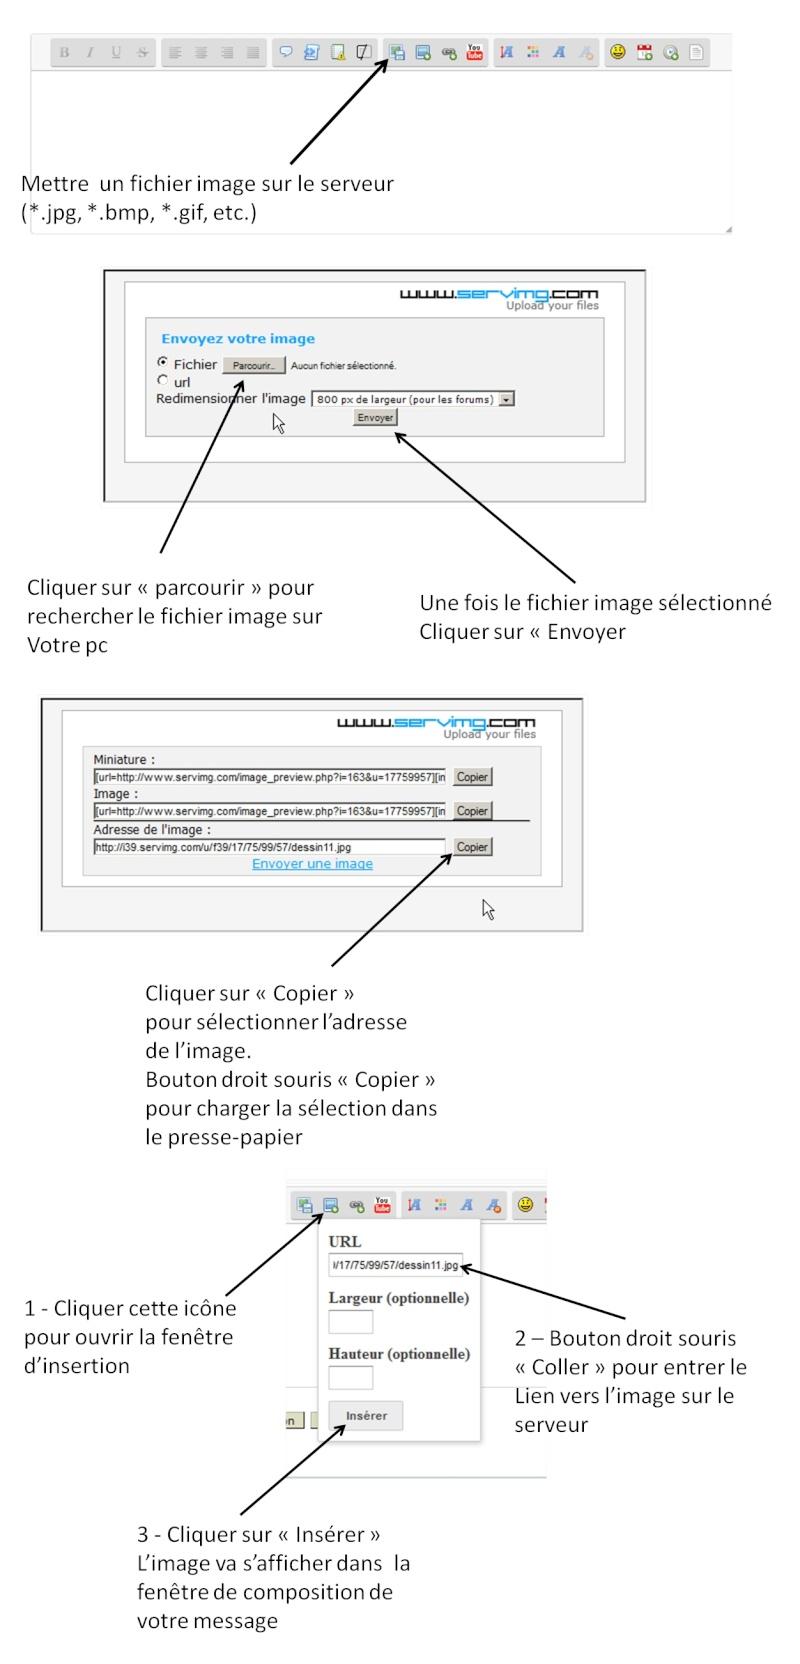 2014: le 14/02 à 1h10 - Ovni triangulaire volant -  Ovnis à Torcy - Seine-et-Marne (dép.77) Total11